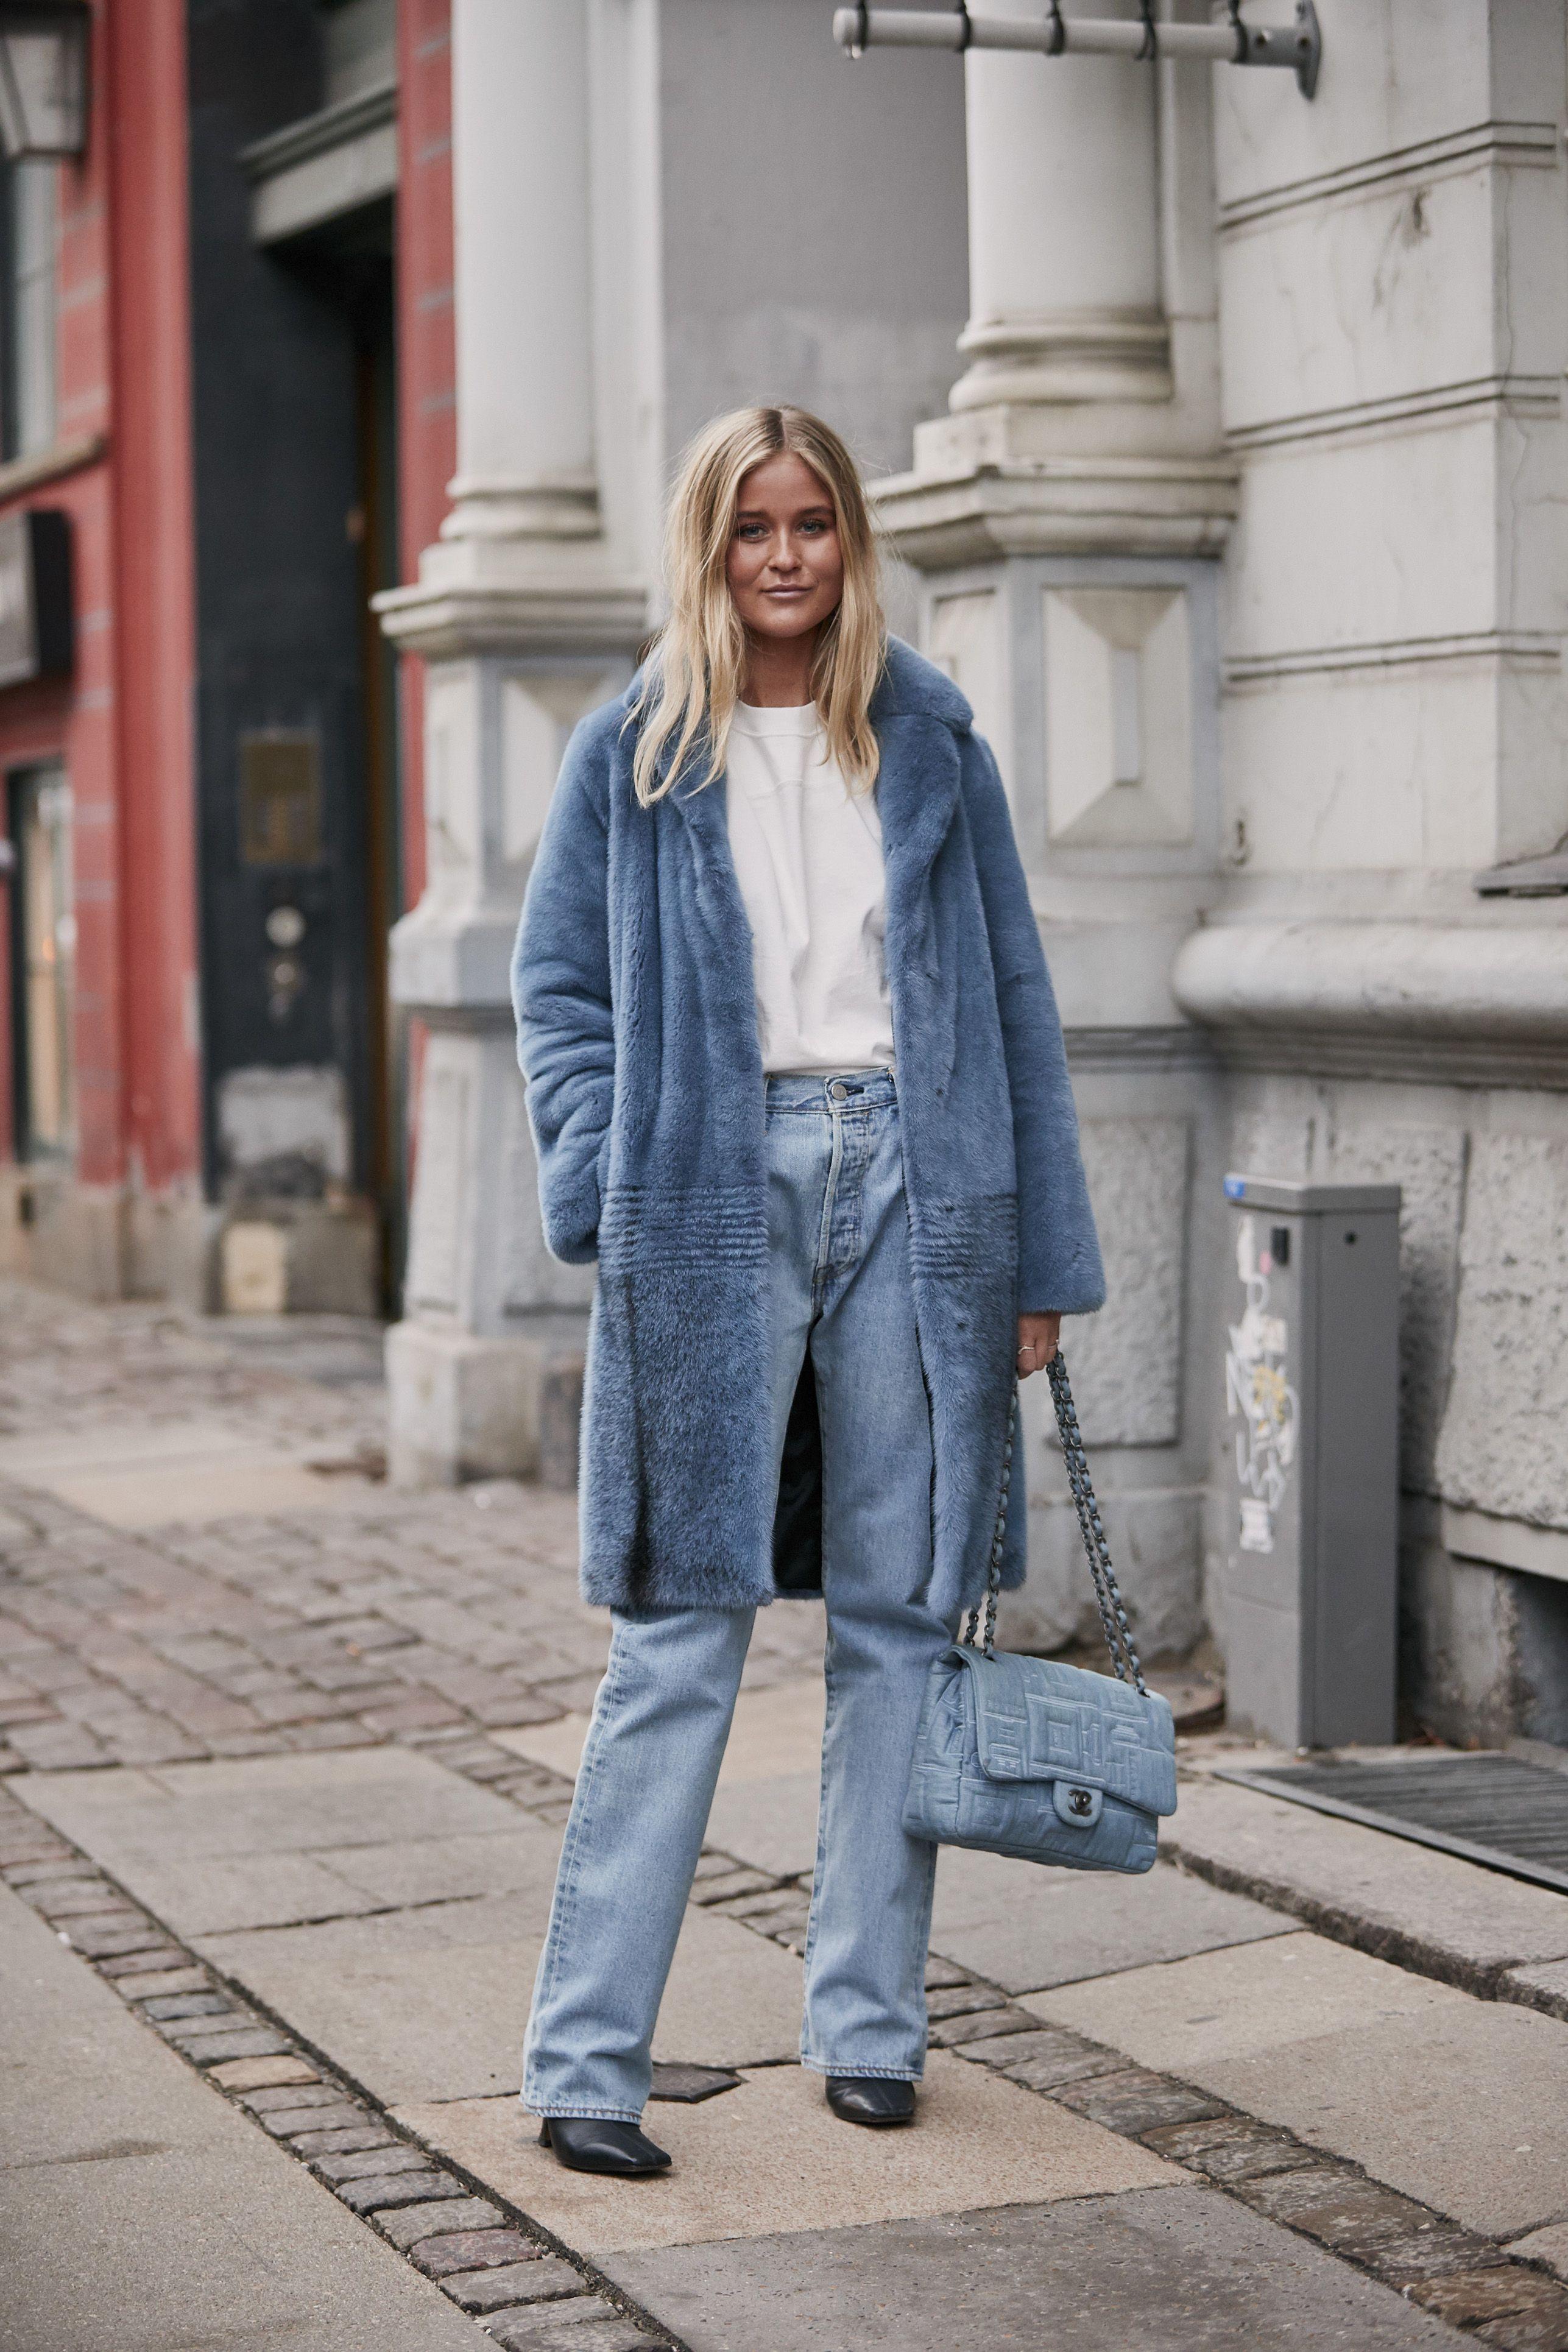 come abbinare l'azzurro, come abbinare l'azzurro polvere, abbinamento colori vestiti, come abbinare i colori nell'abbigliamento, look con cappotto azzurro, look moda 2019, look moda primavera estate 2019, colori moda 2019, colori moda primavera estate 2019